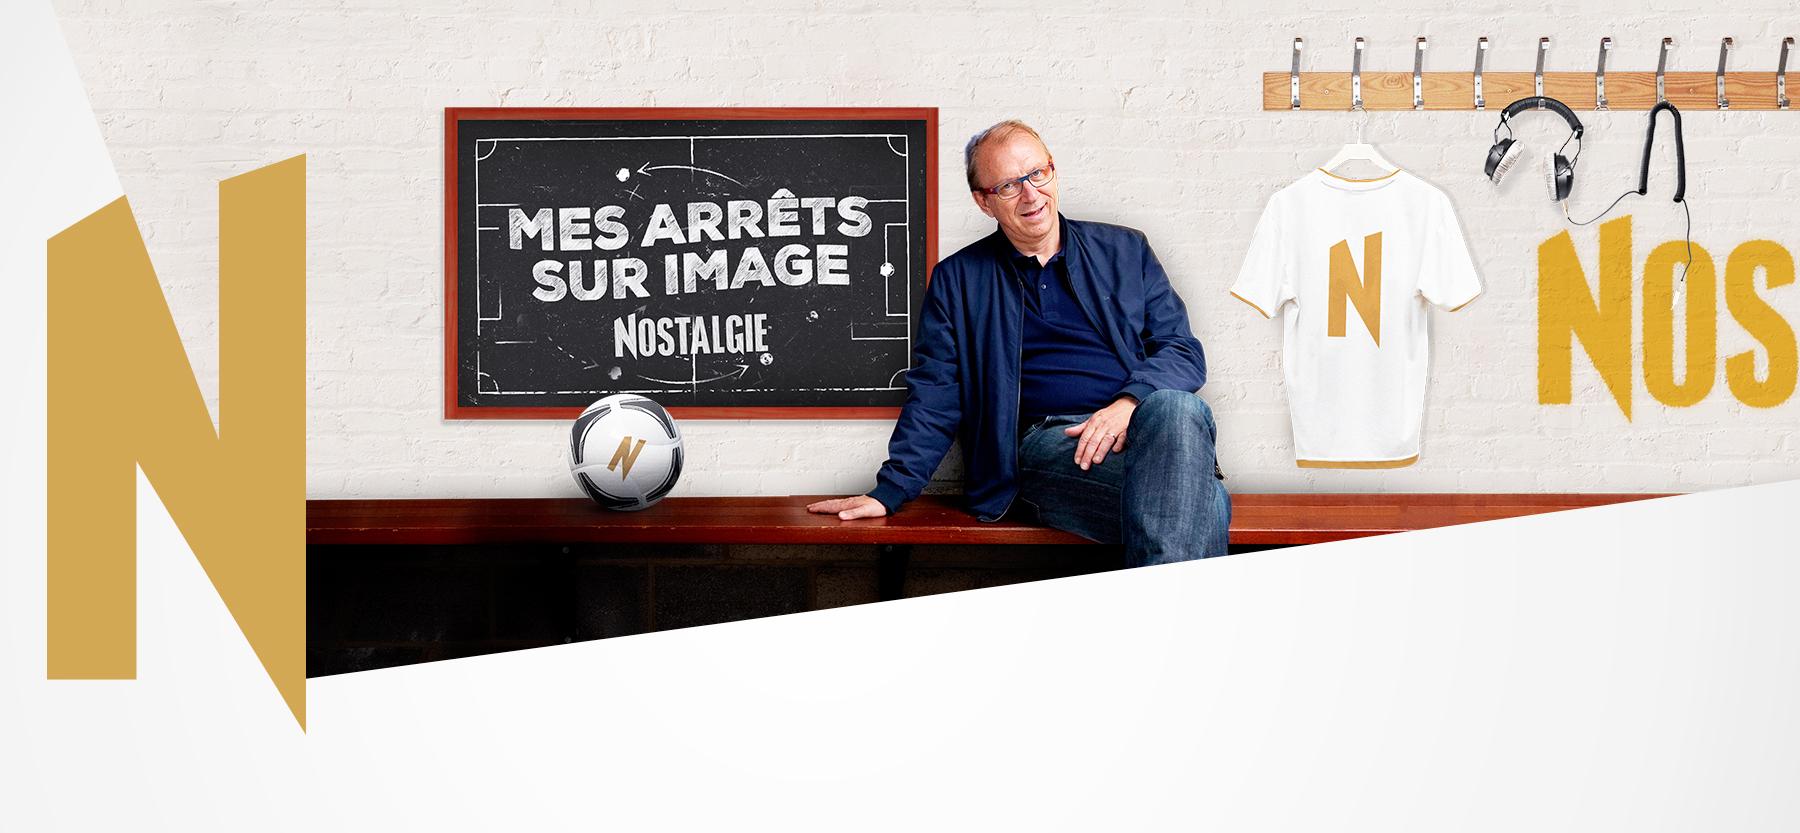 visuels chronique Michel Lecomte Nostalgie